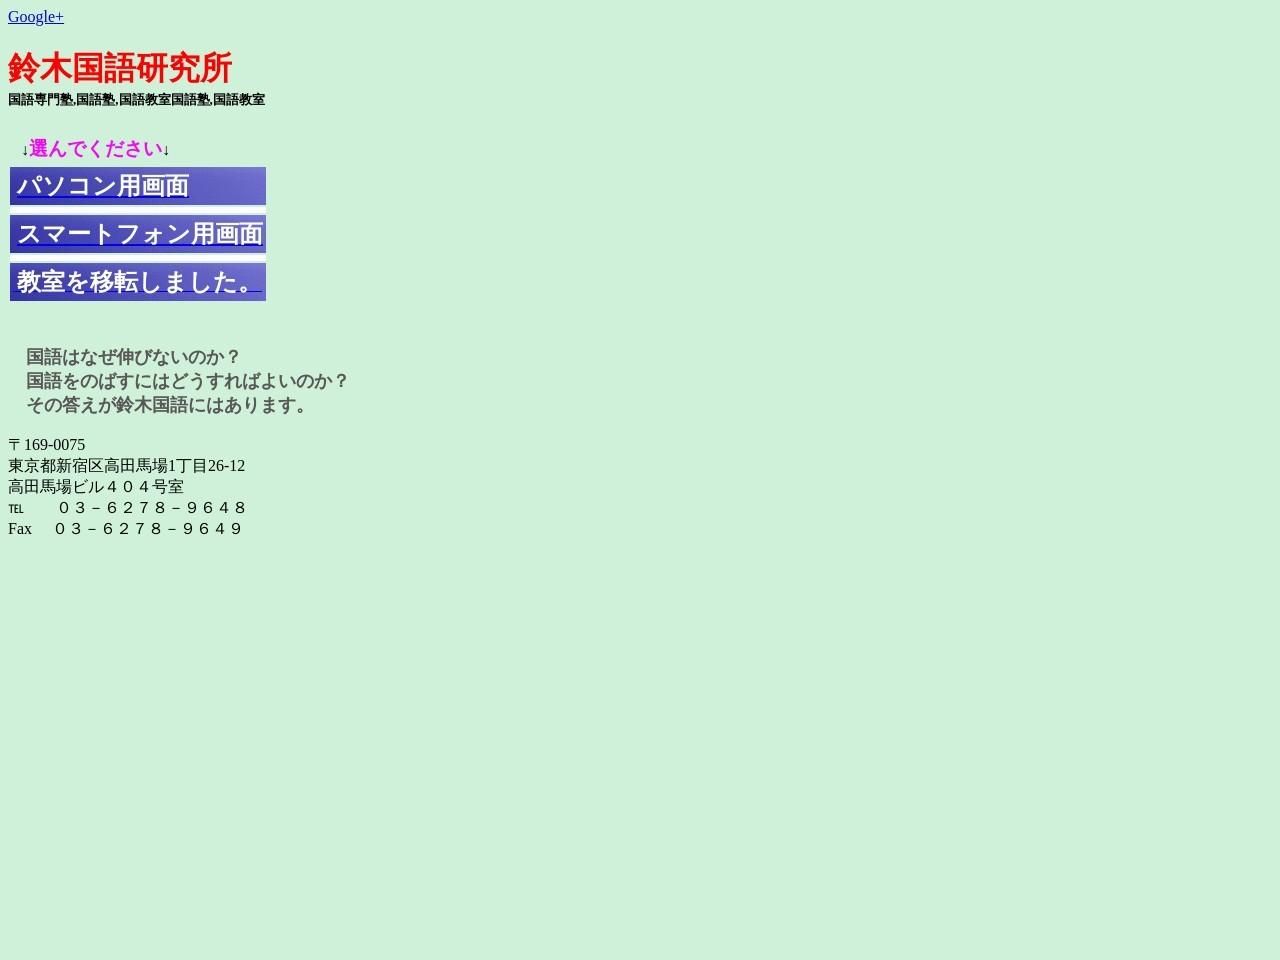 鈴木国語研究所